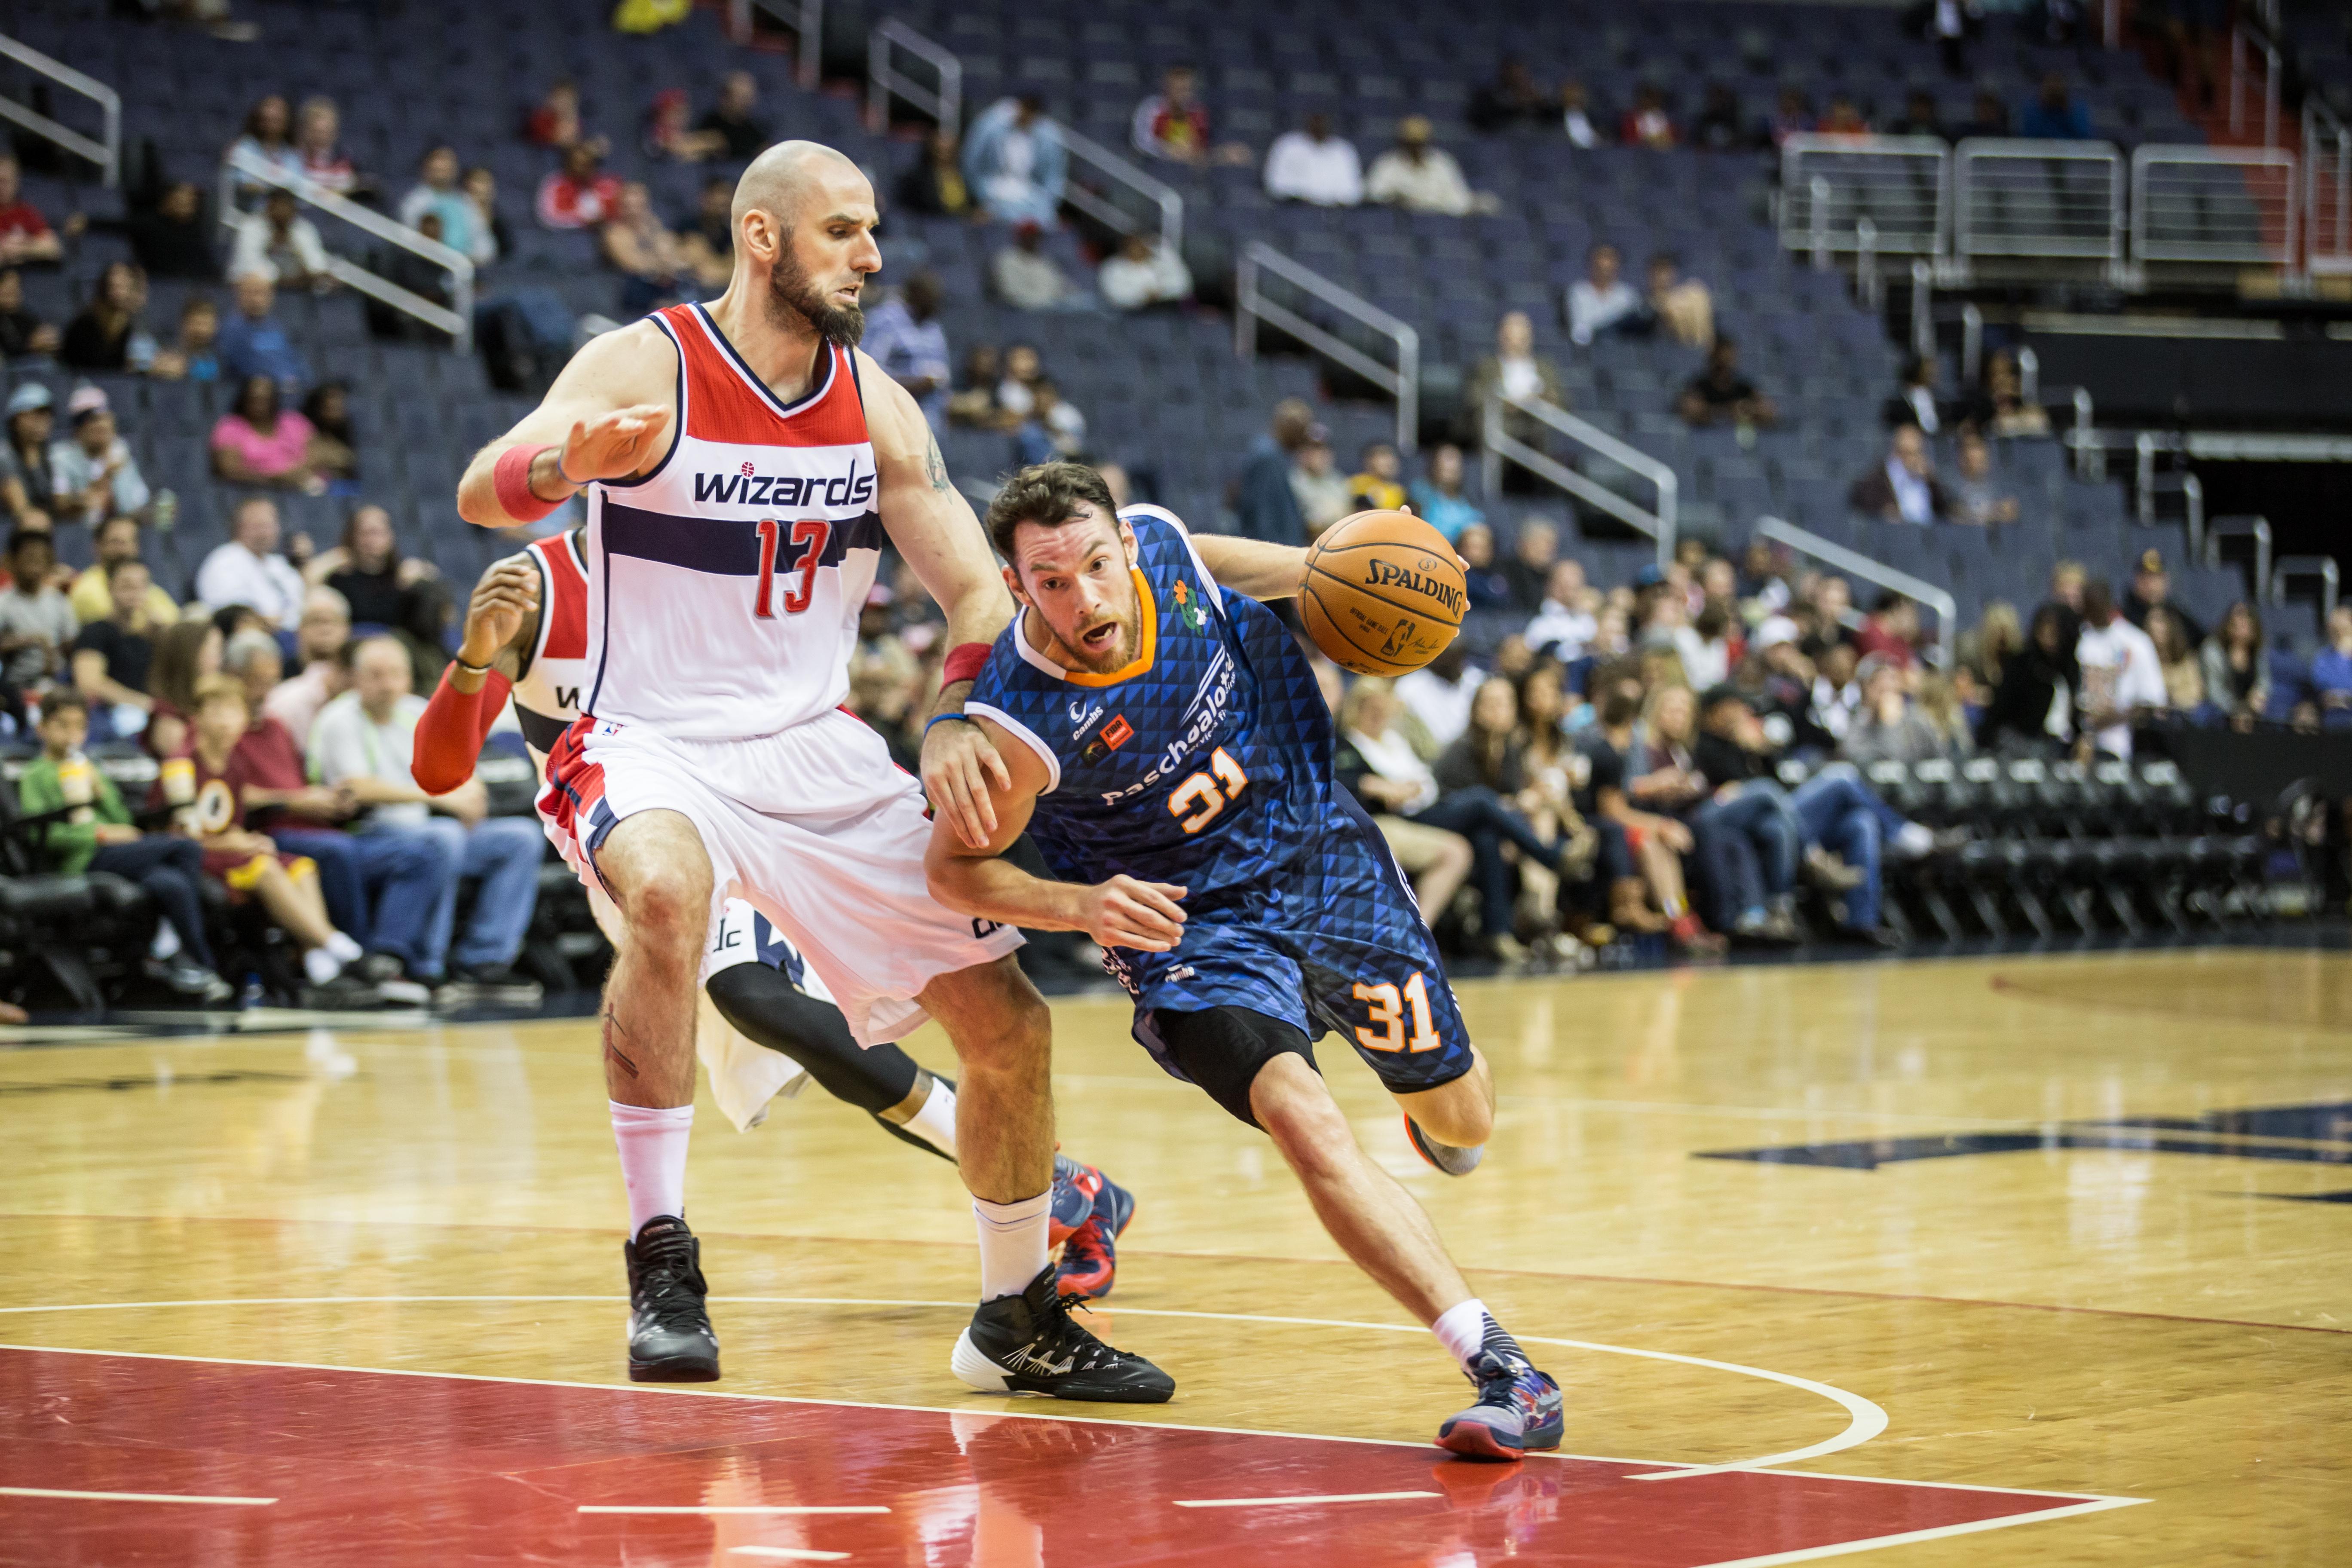 Com 17 pontos contra o Wizards, Day se firmou como cestinha do Bauru na NBA